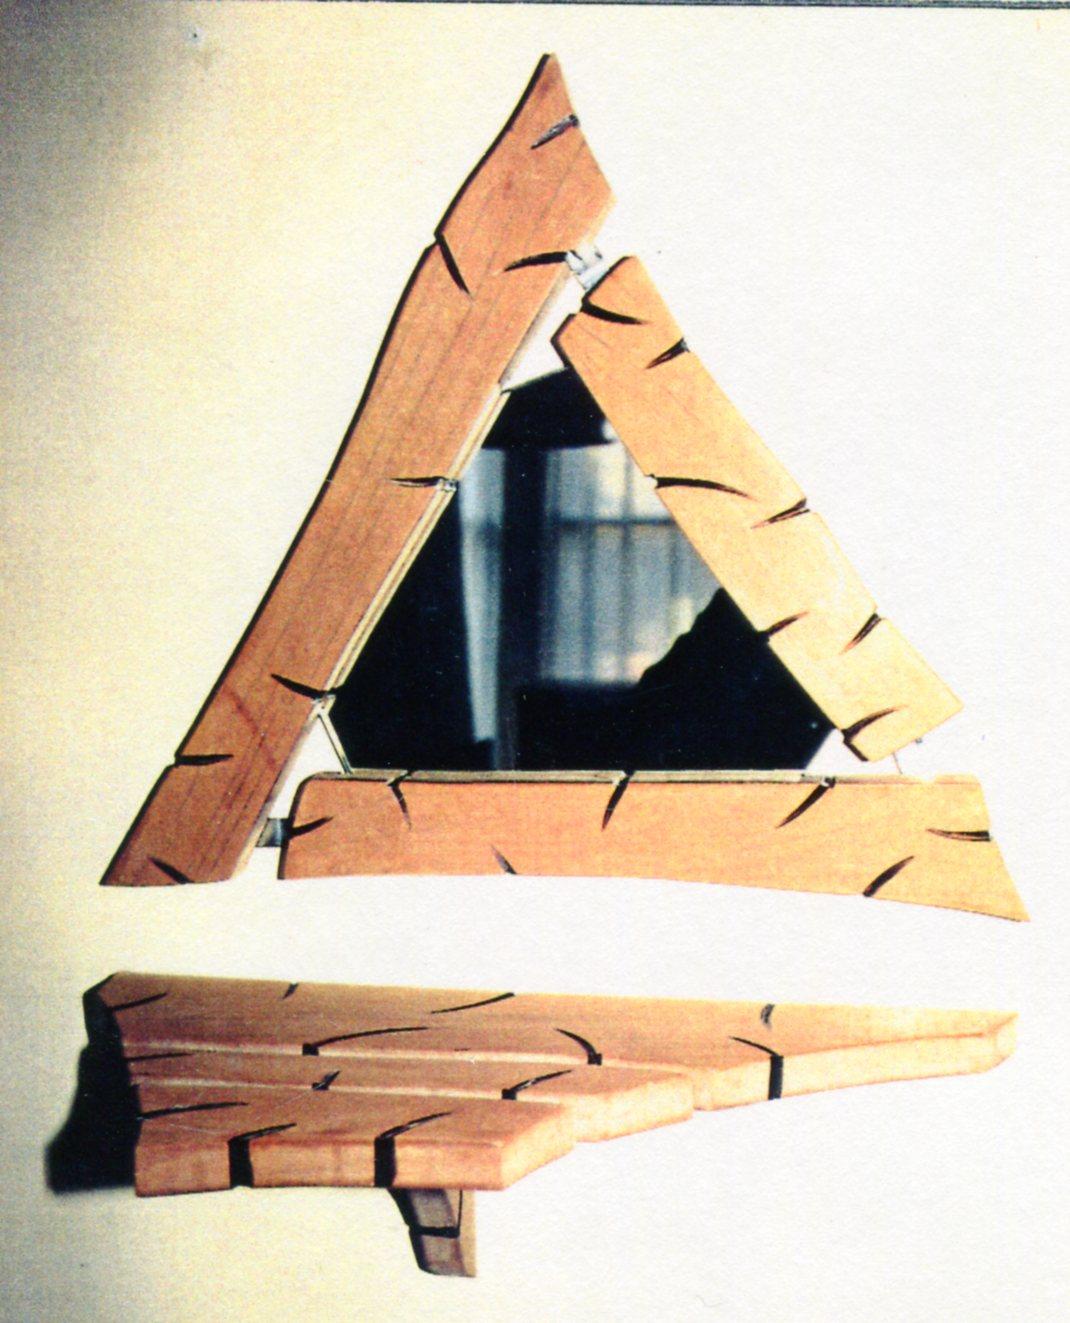 Lewis Design London - Fulham Tile Project Photos (4)